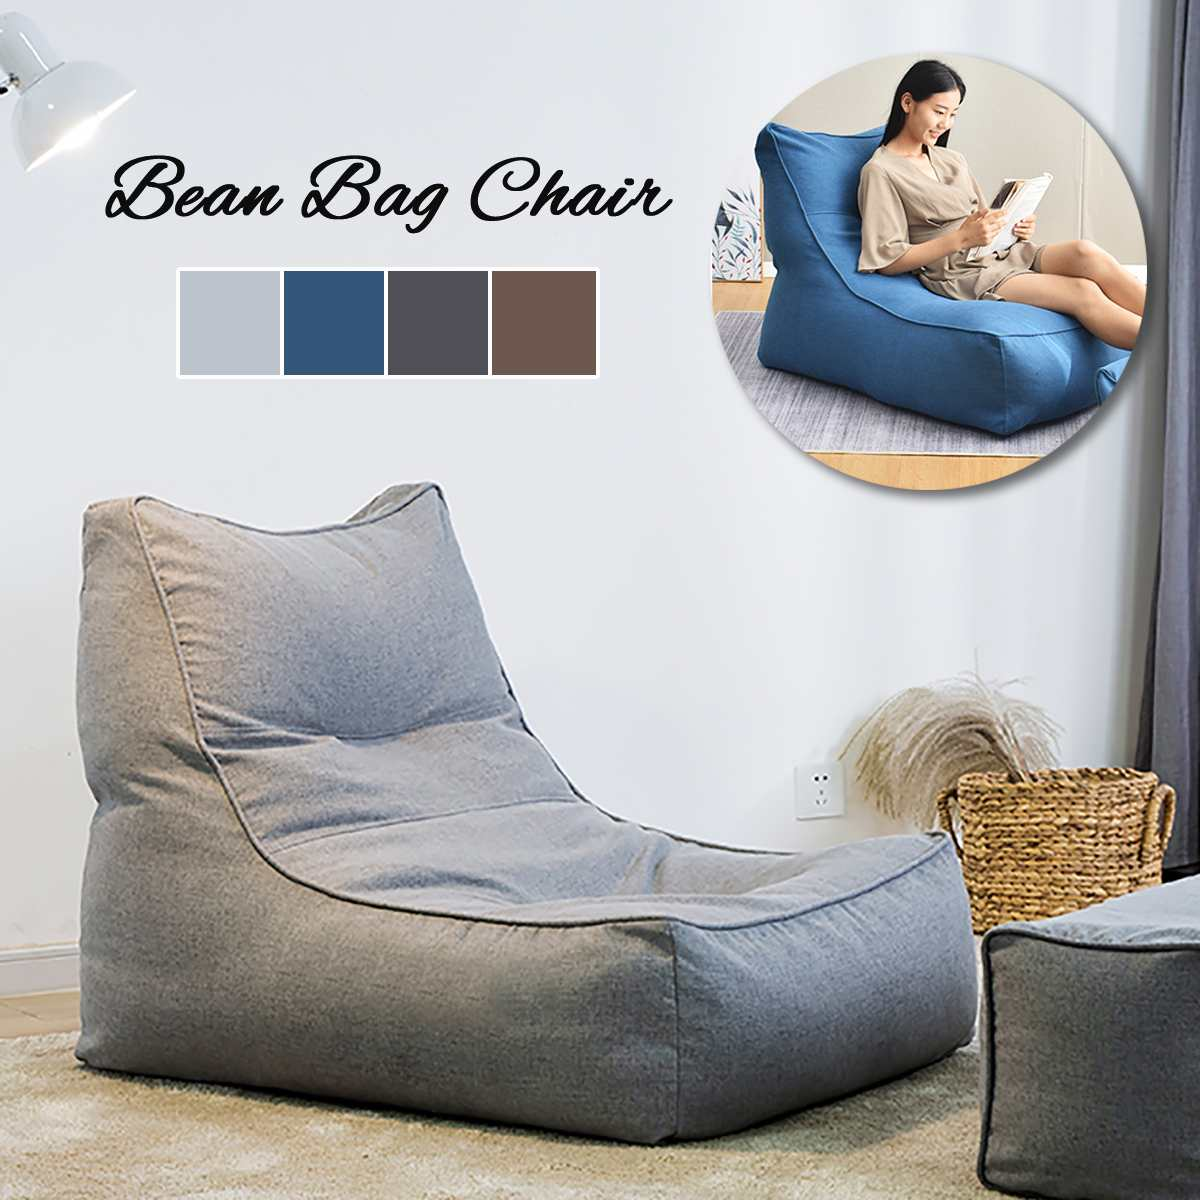 Paresseux coton lin haricot sac chaise canapé couverture pas de remplissage en couleurs solides chaise longue siège Pouf bouffée canapé pour maison bureau partie de jeu